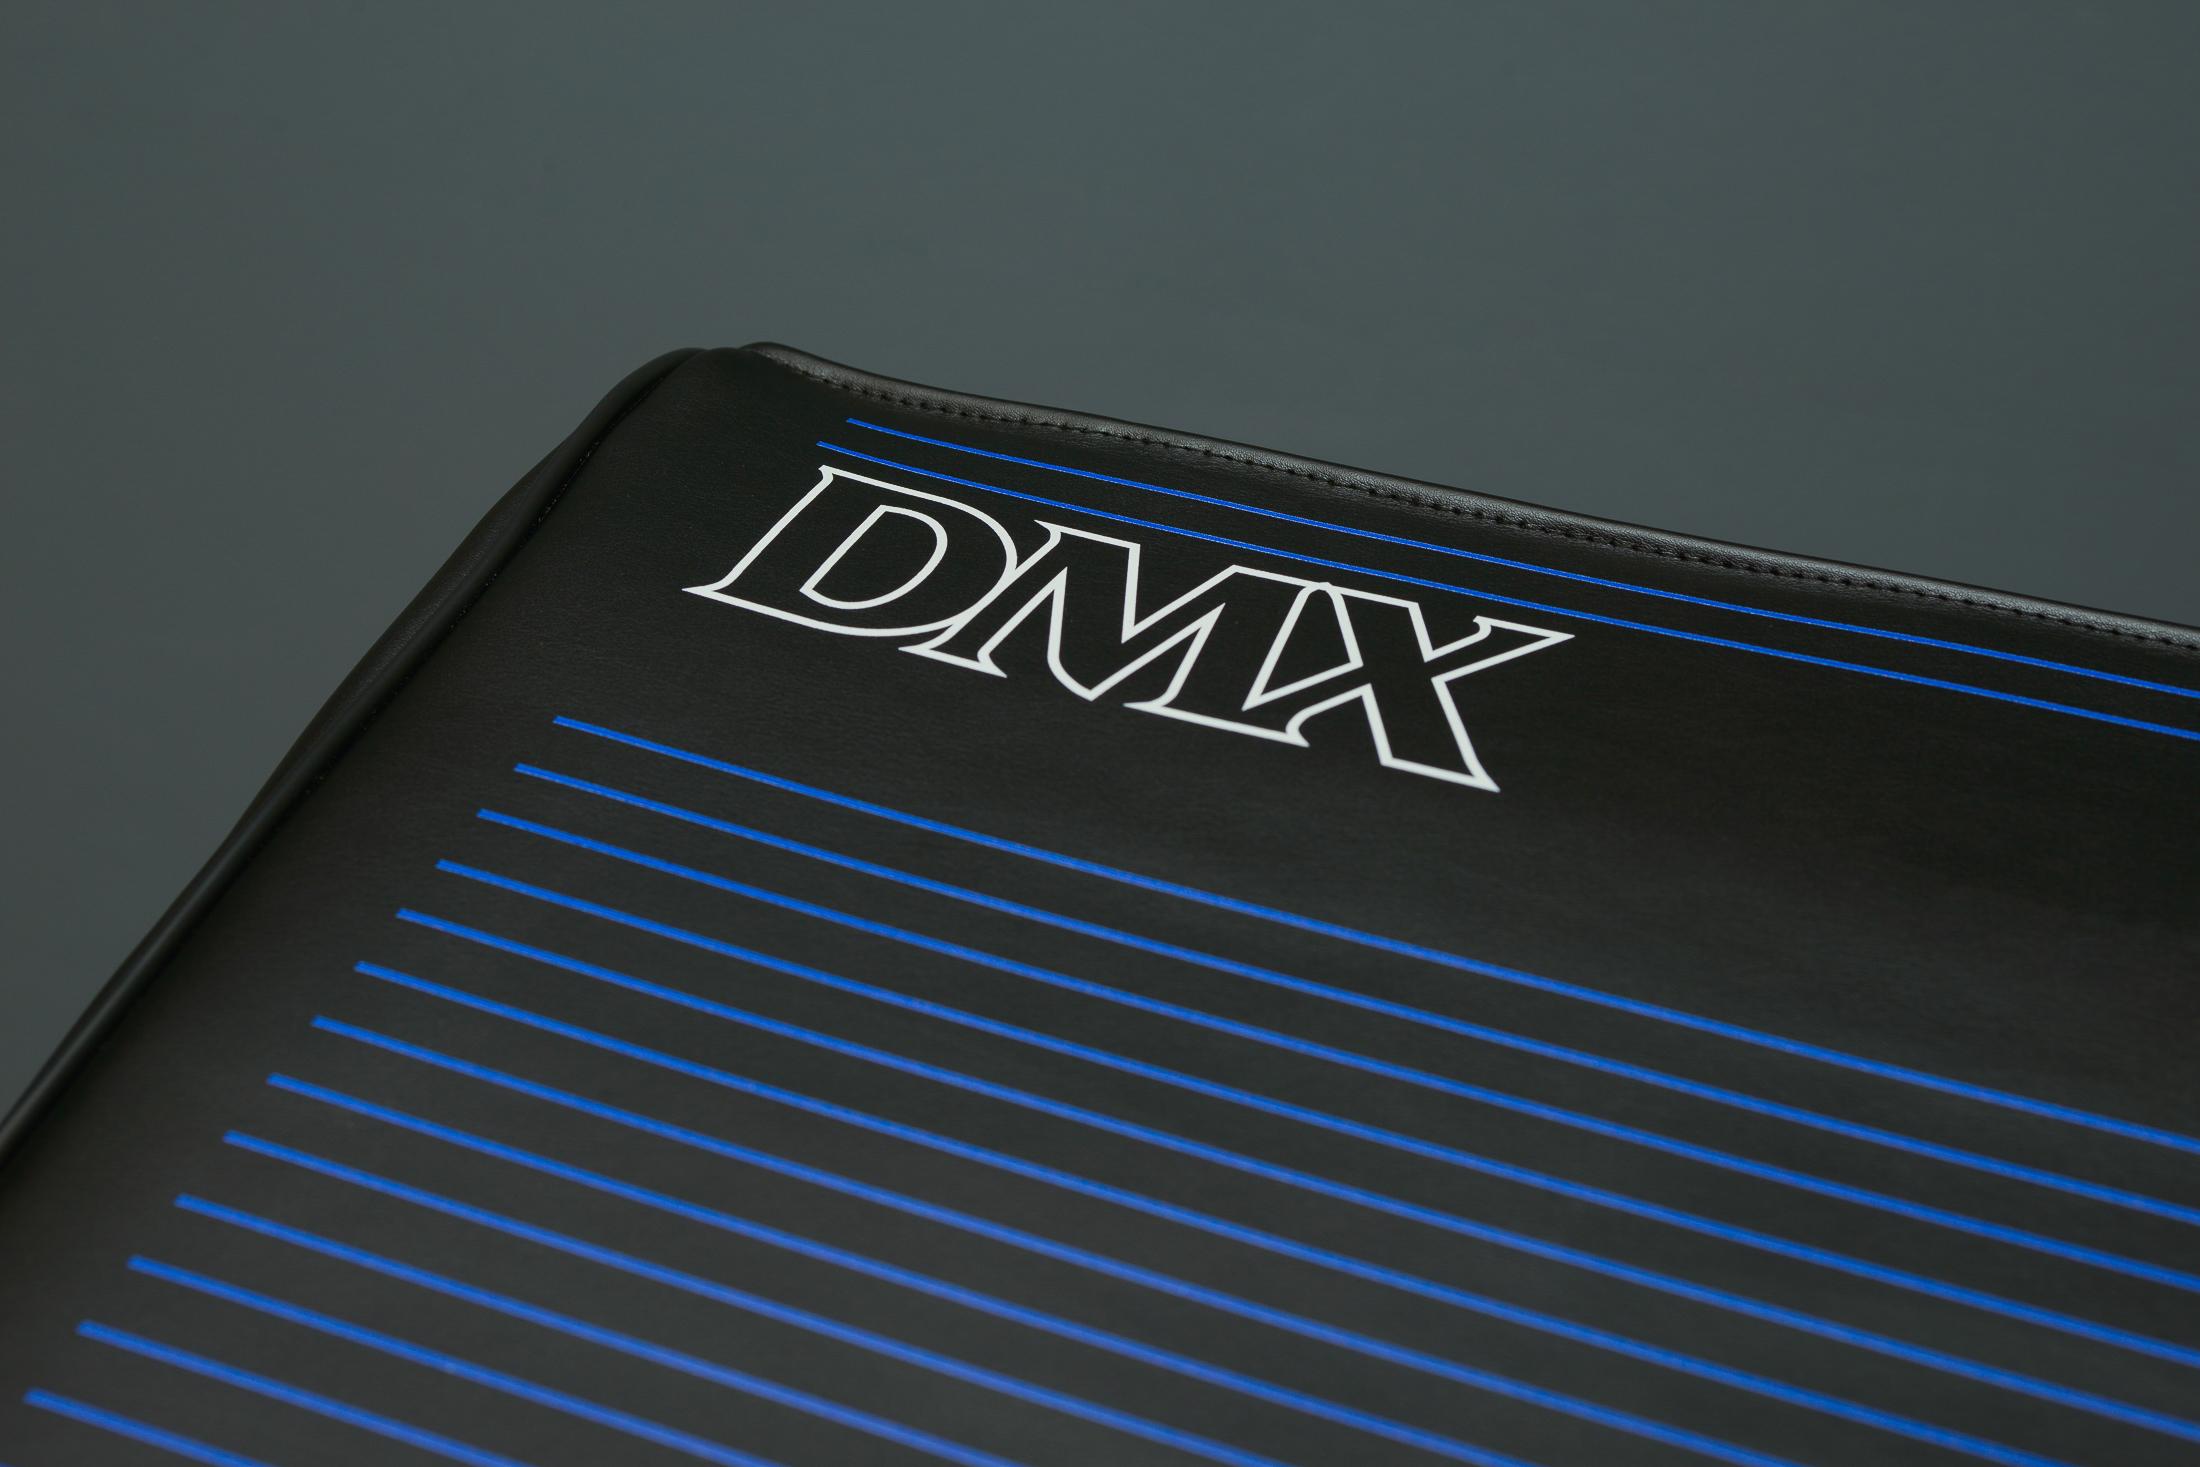 dd9663_c3934183211d4dd2abcabdc5a8650e01.jpg?dn=Stardust+Covers+%7C+DMX+Detail.jpg